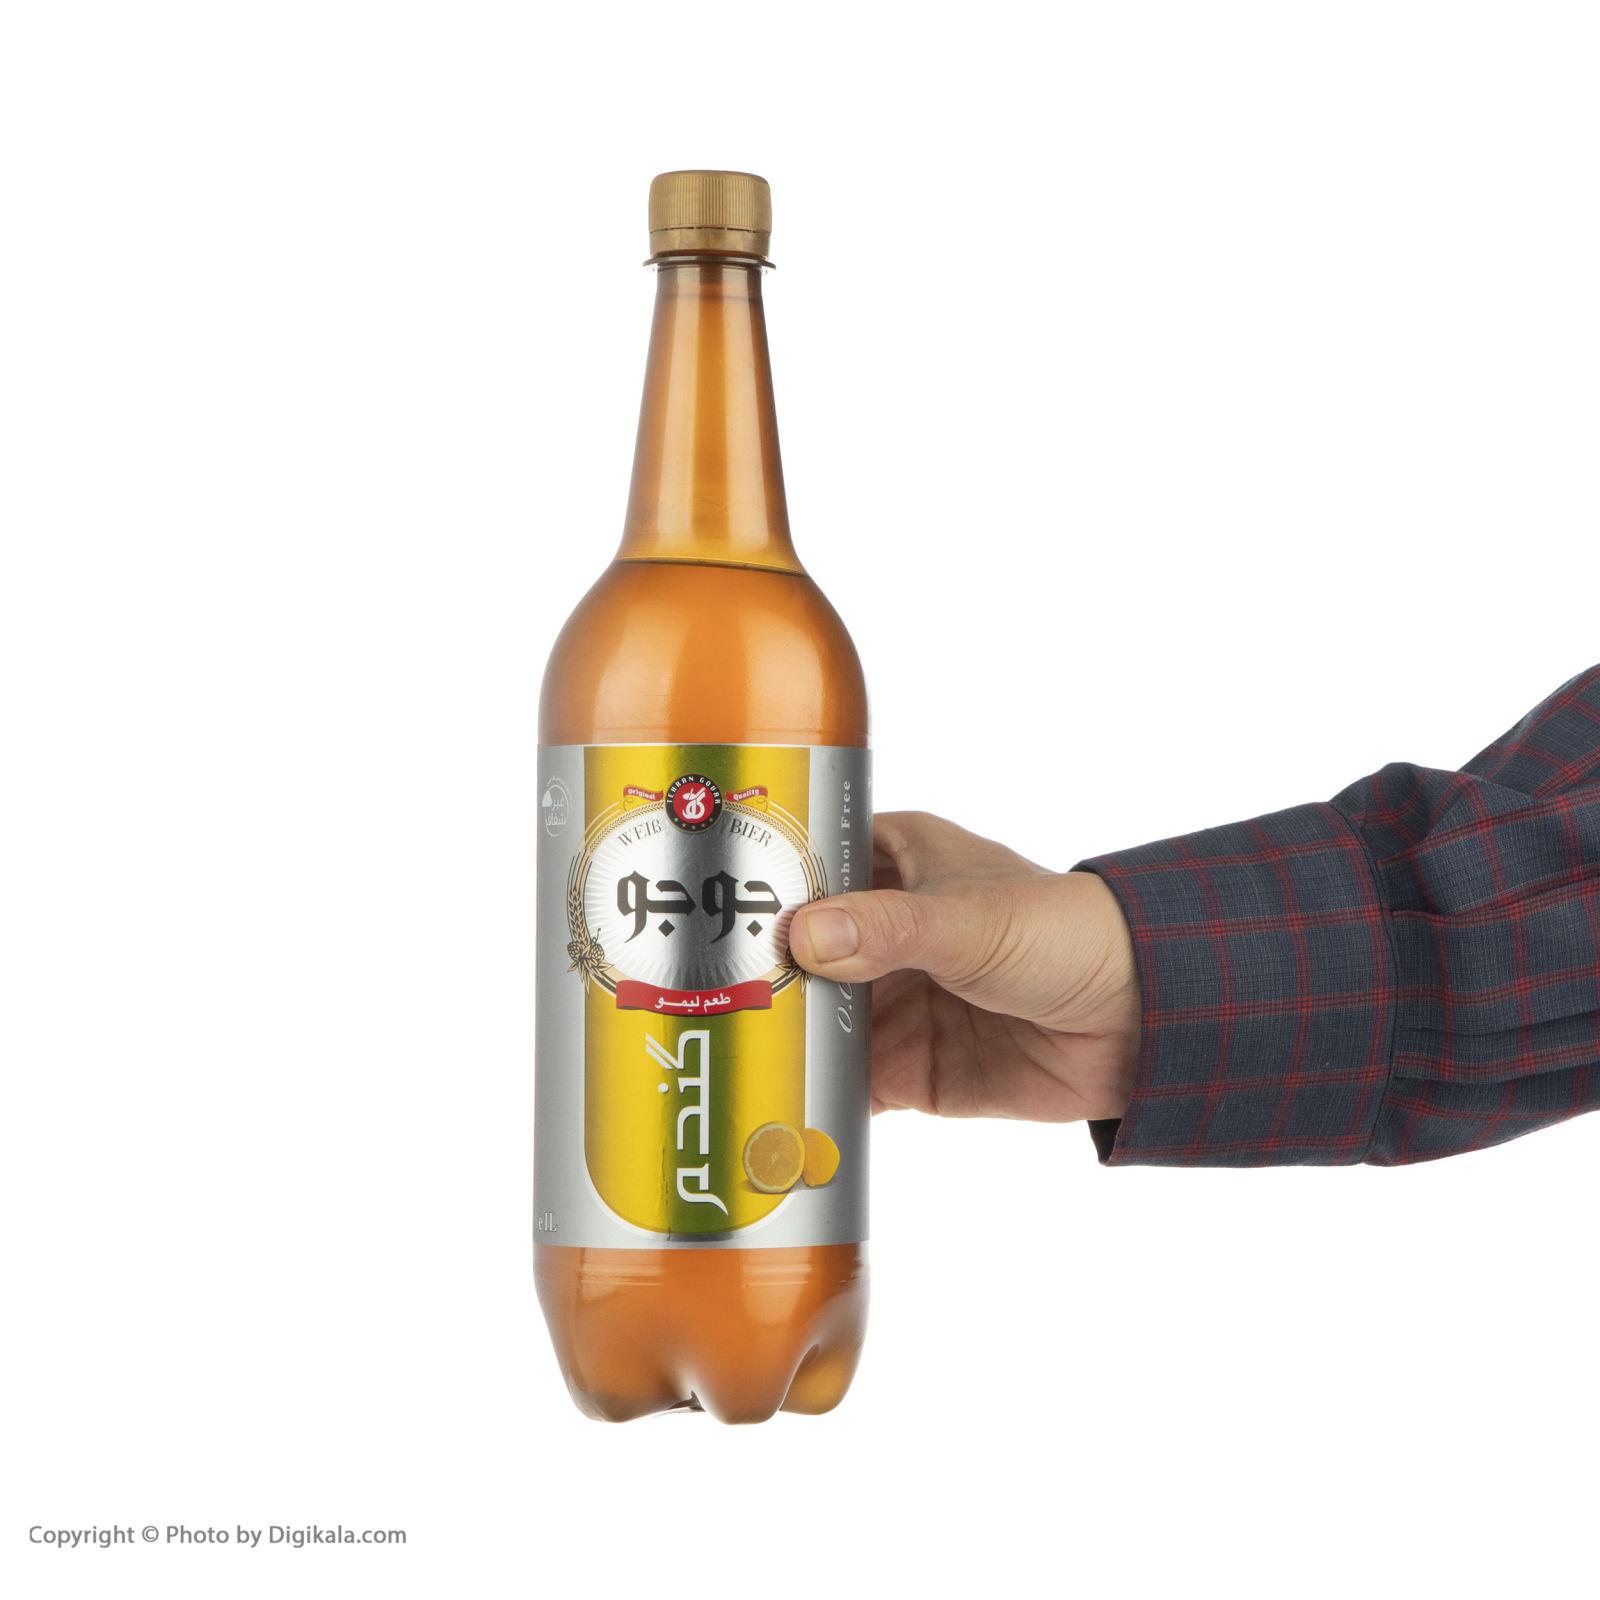 آب گندم جوجو با طعم لیمو - 1 لیتر main 1 3